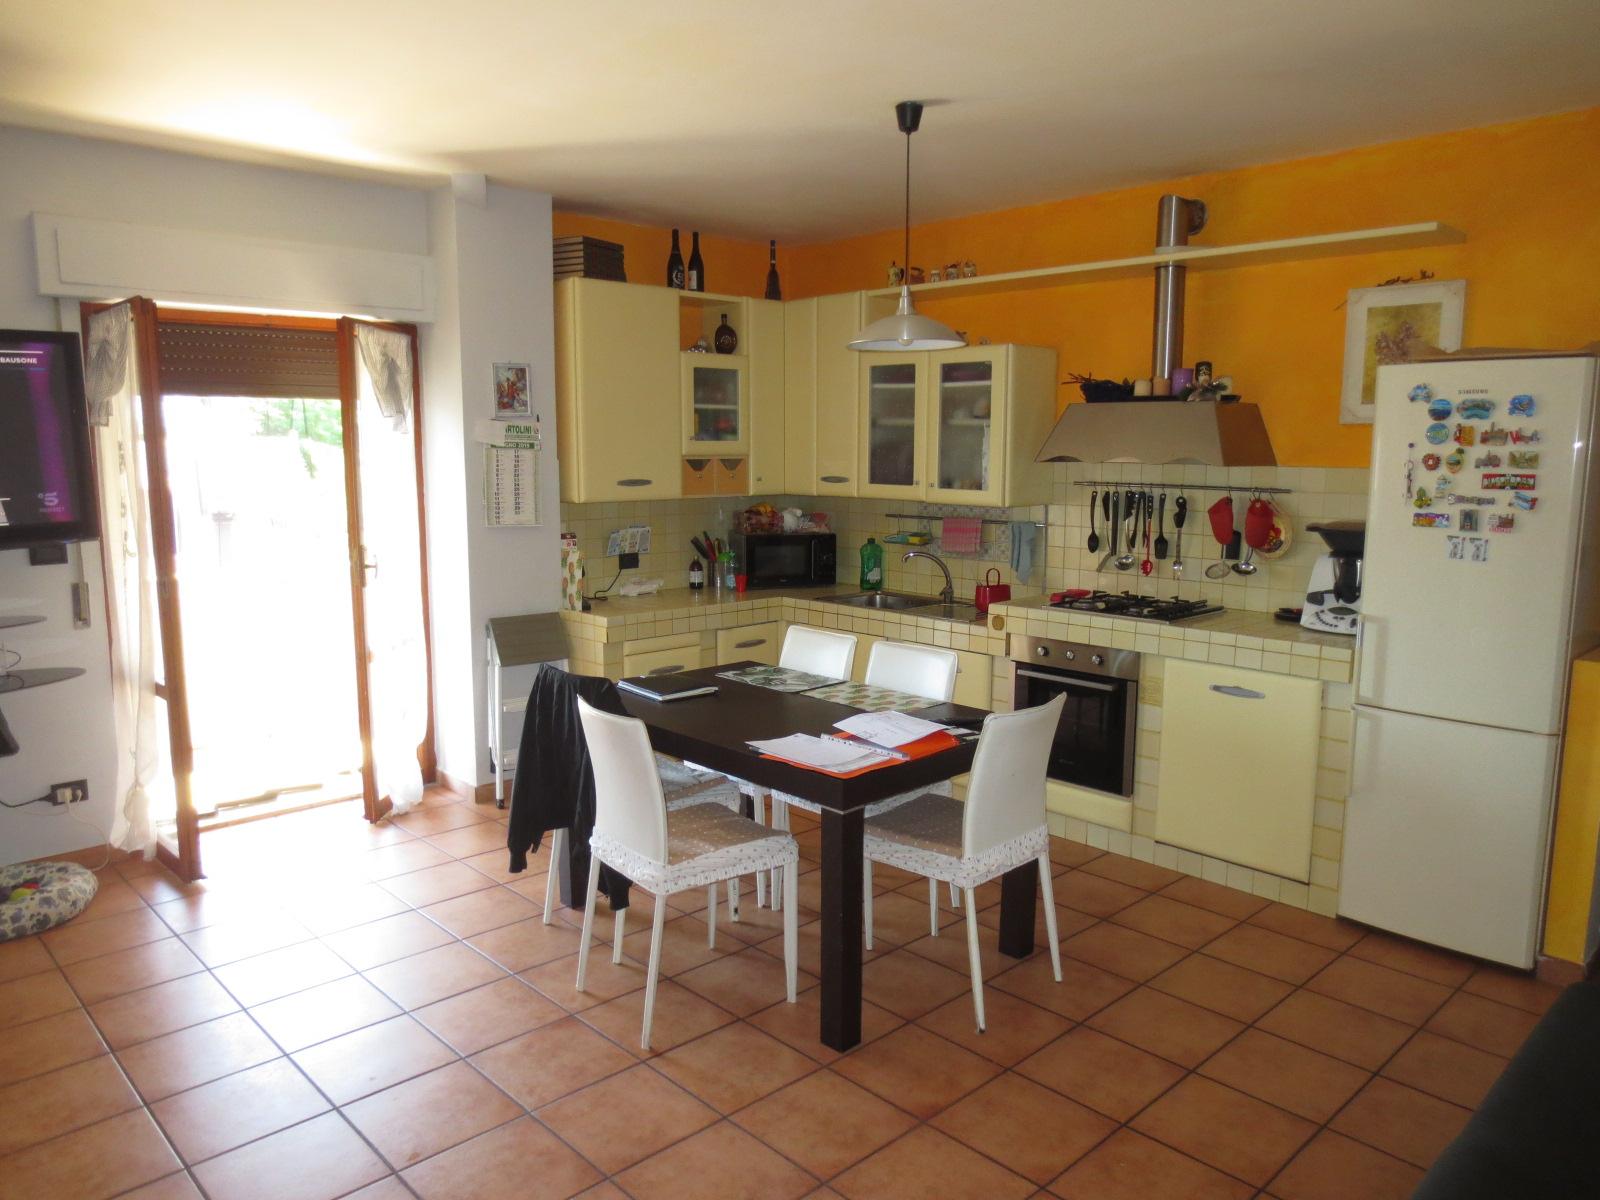 Attico / Mansarda in vendita a Folignano, 4 locali, zona Località: VillaPigna, prezzo € 98.000   PortaleAgenzieImmobiliari.it